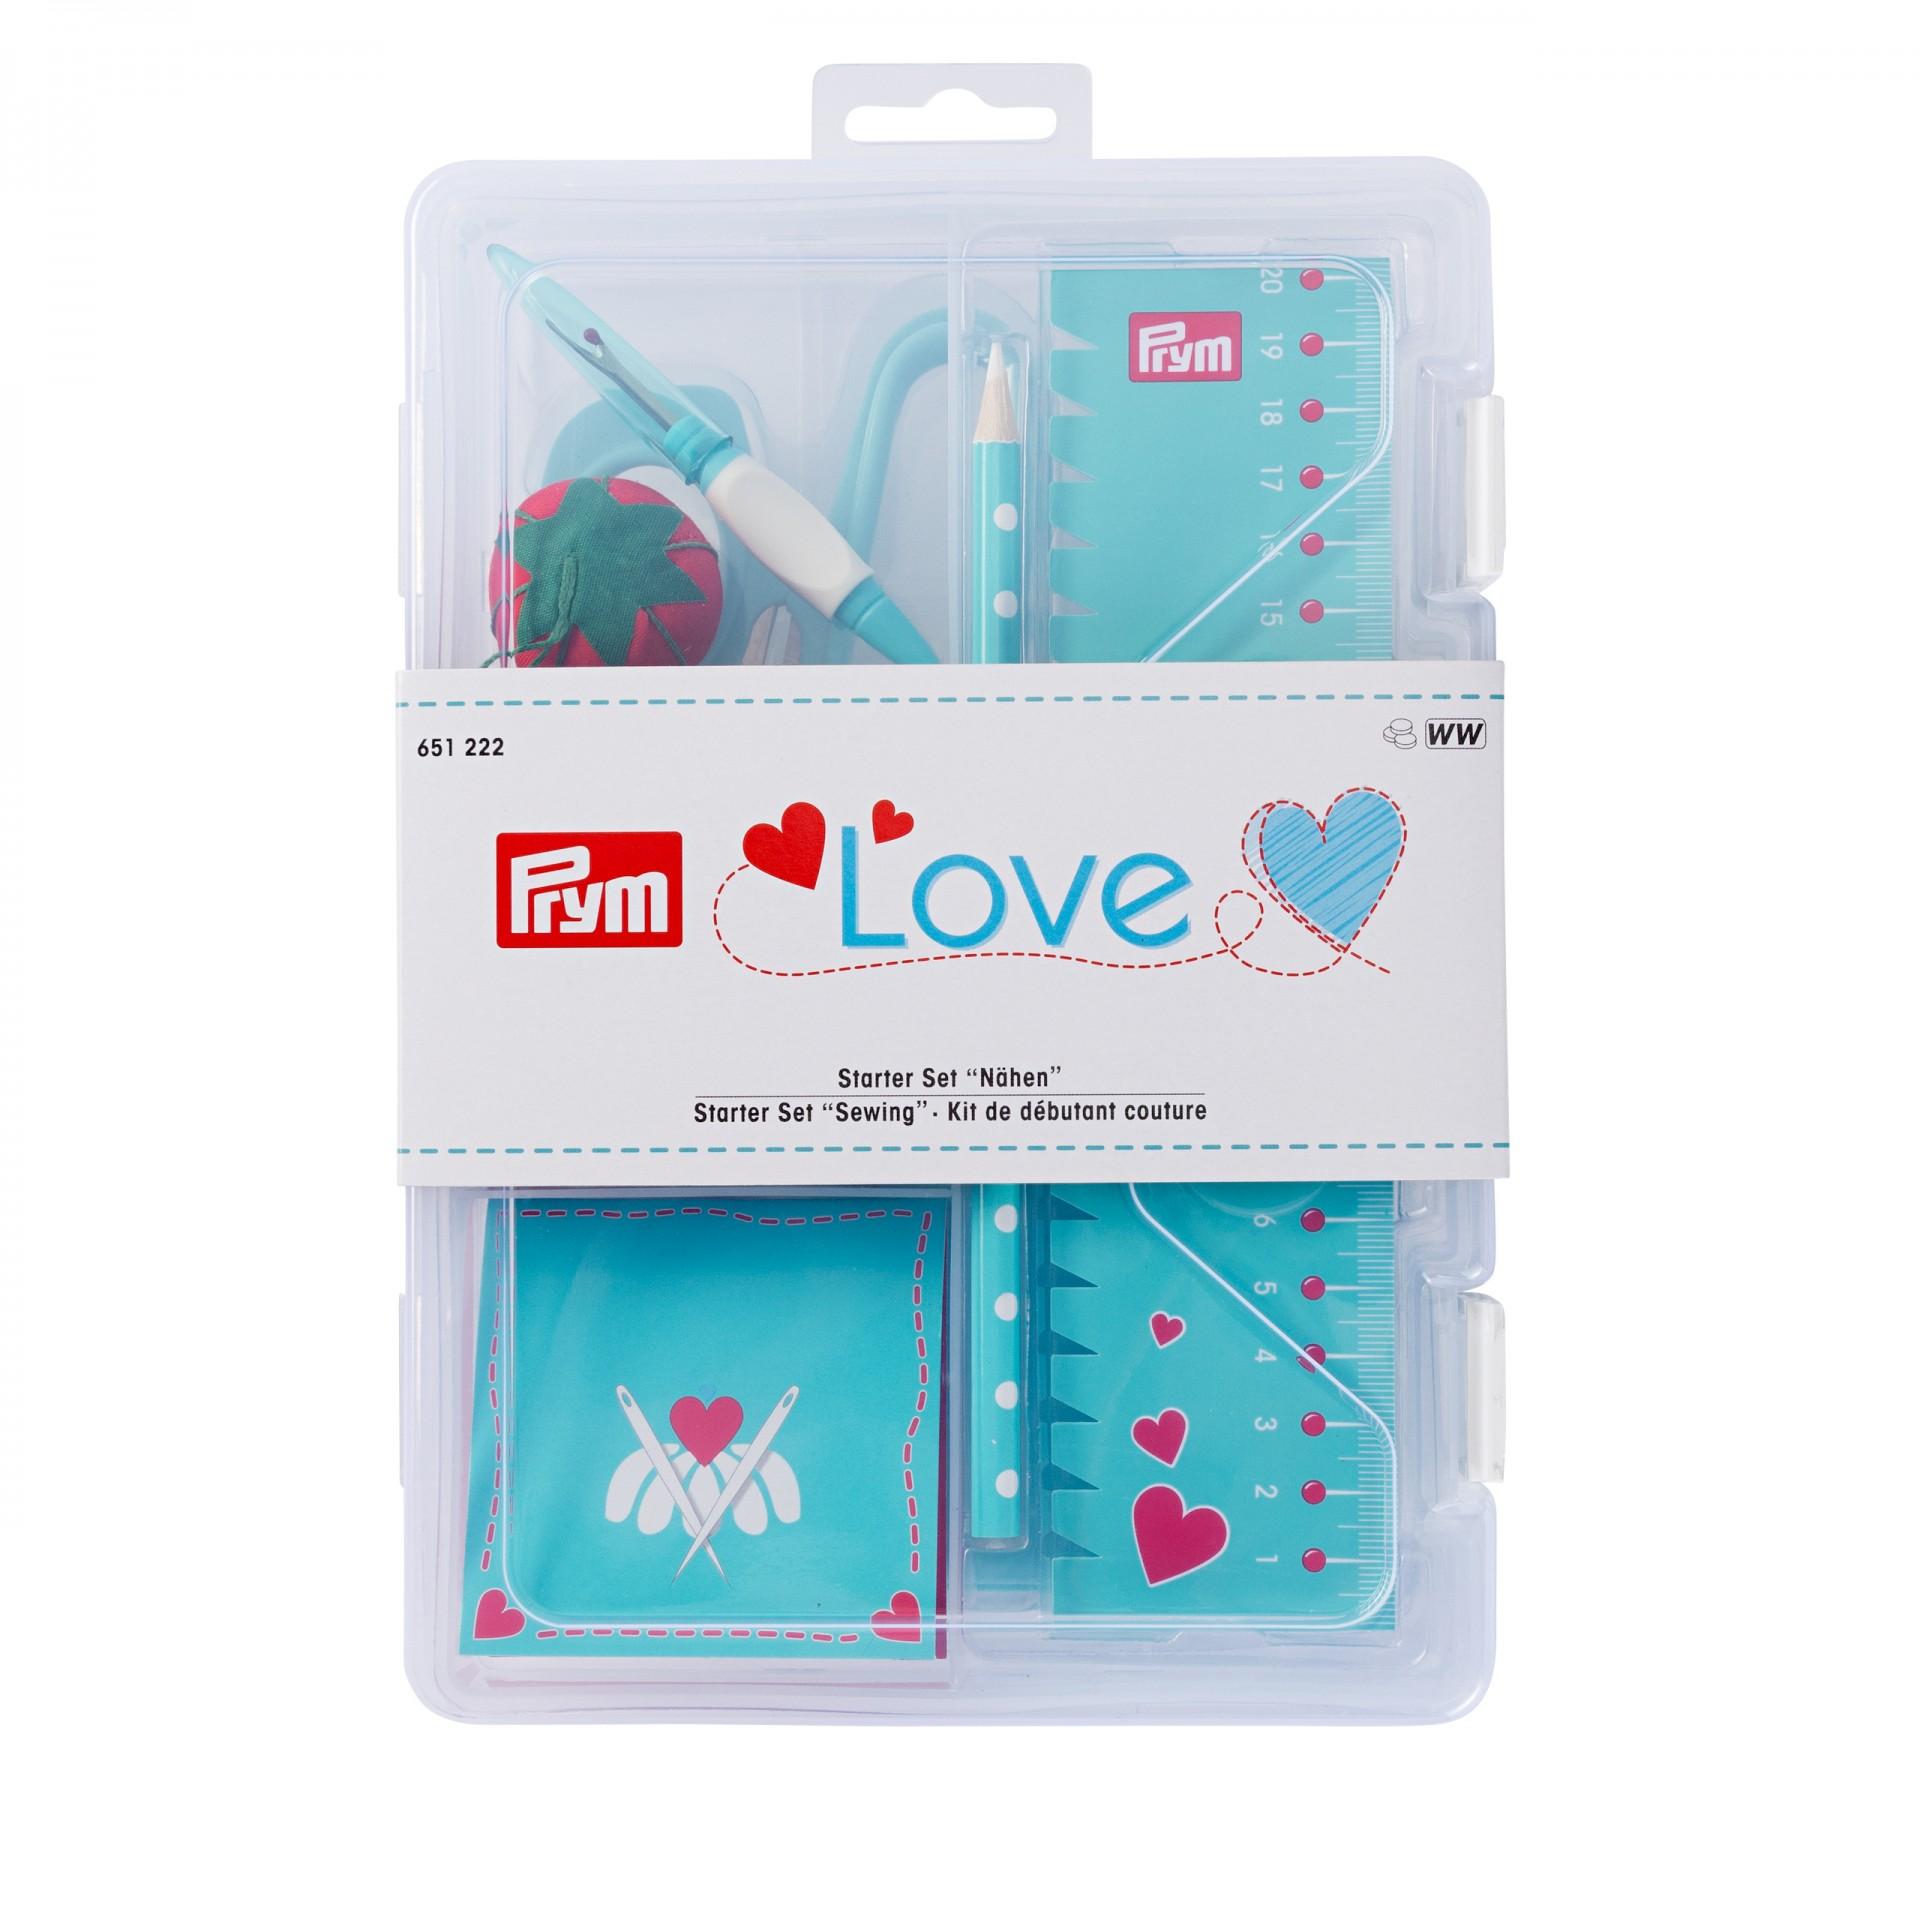 Kit de iniciação à costura azul  - Prym Love